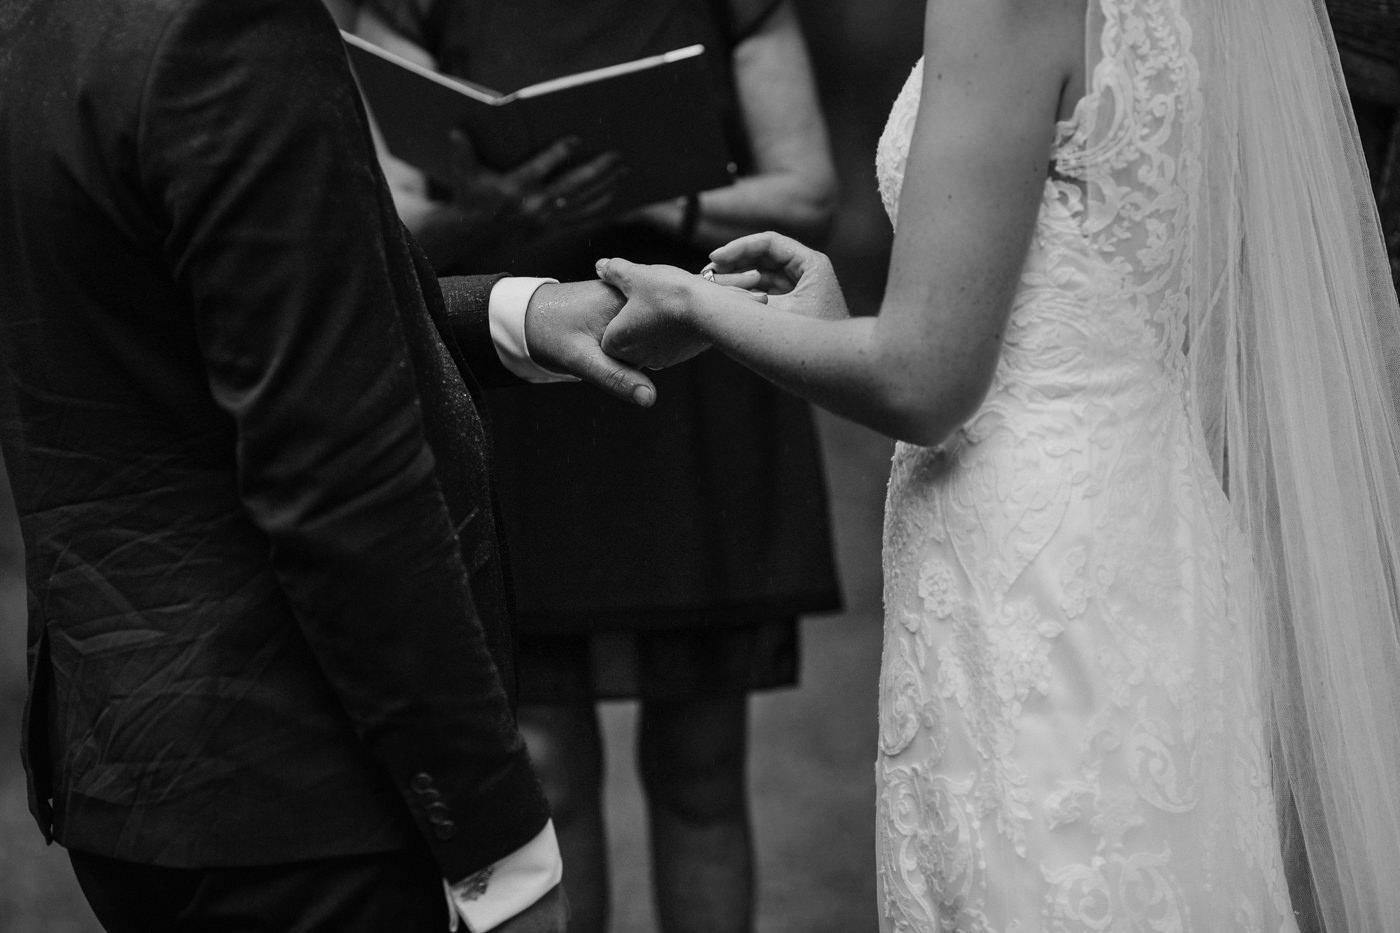 nz_wedding_photographer_gisborne-1137.jpg